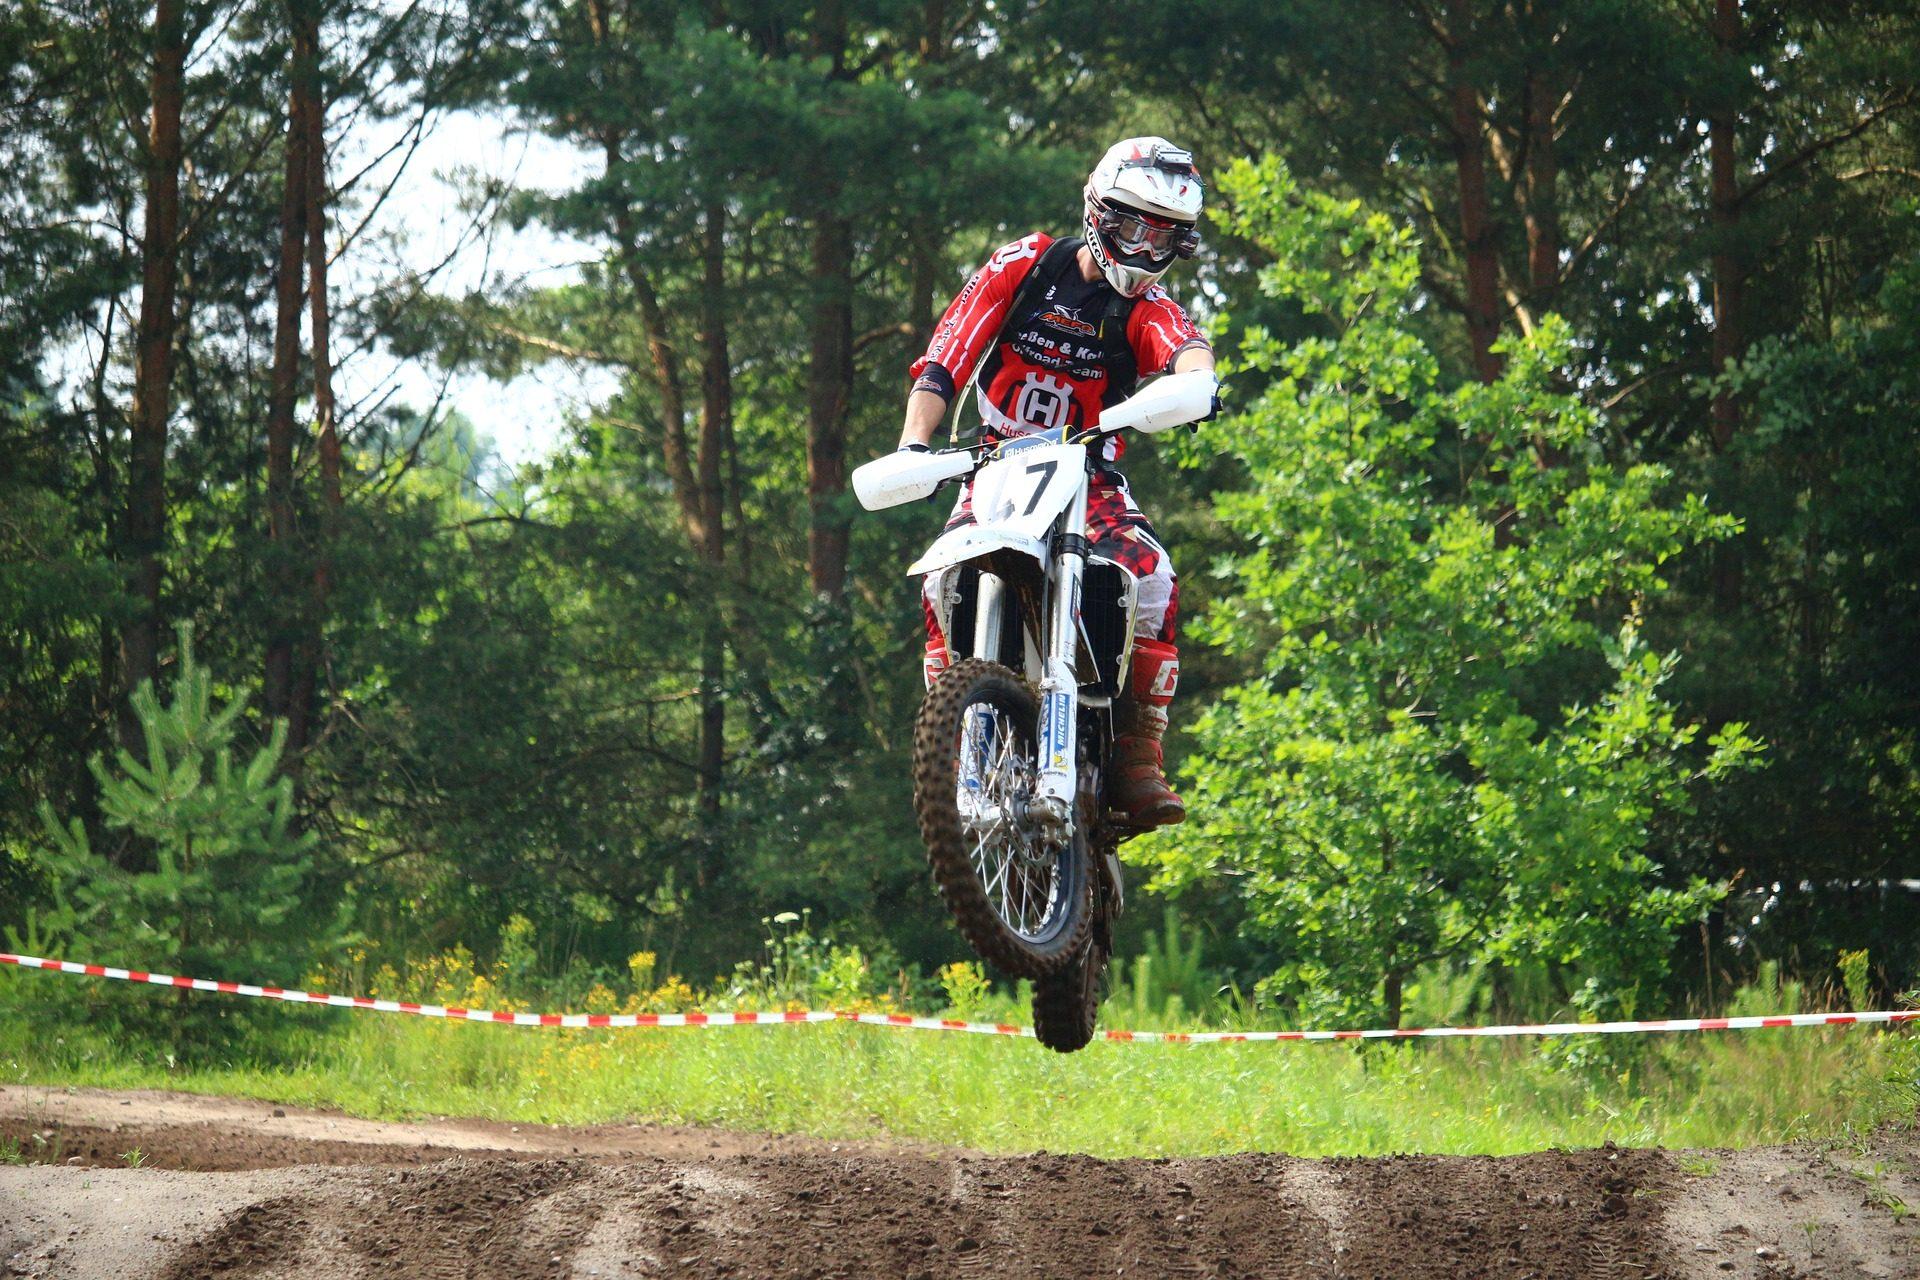 Motorrad, Motocross, springen, Risiko, Karriere, Schlamm - Wallpaper HD - Prof.-falken.com